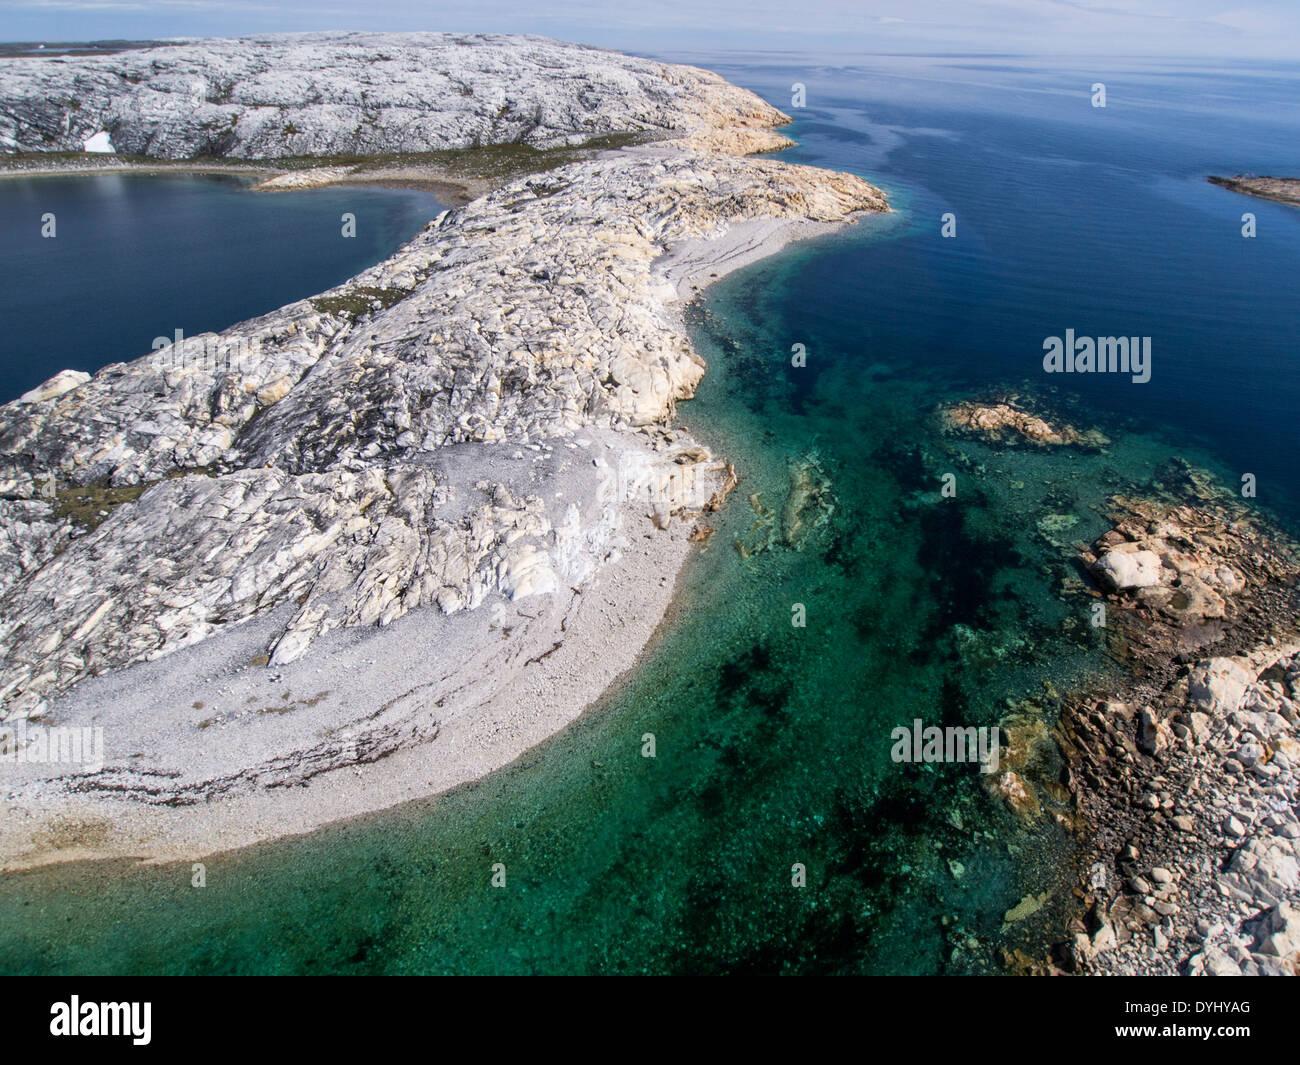 Le Canada, le territoire du Nunavut, vue aérienne de l'île de marbre dans la baie d'Hudson près du village de Rankin Inlet Photo Stock